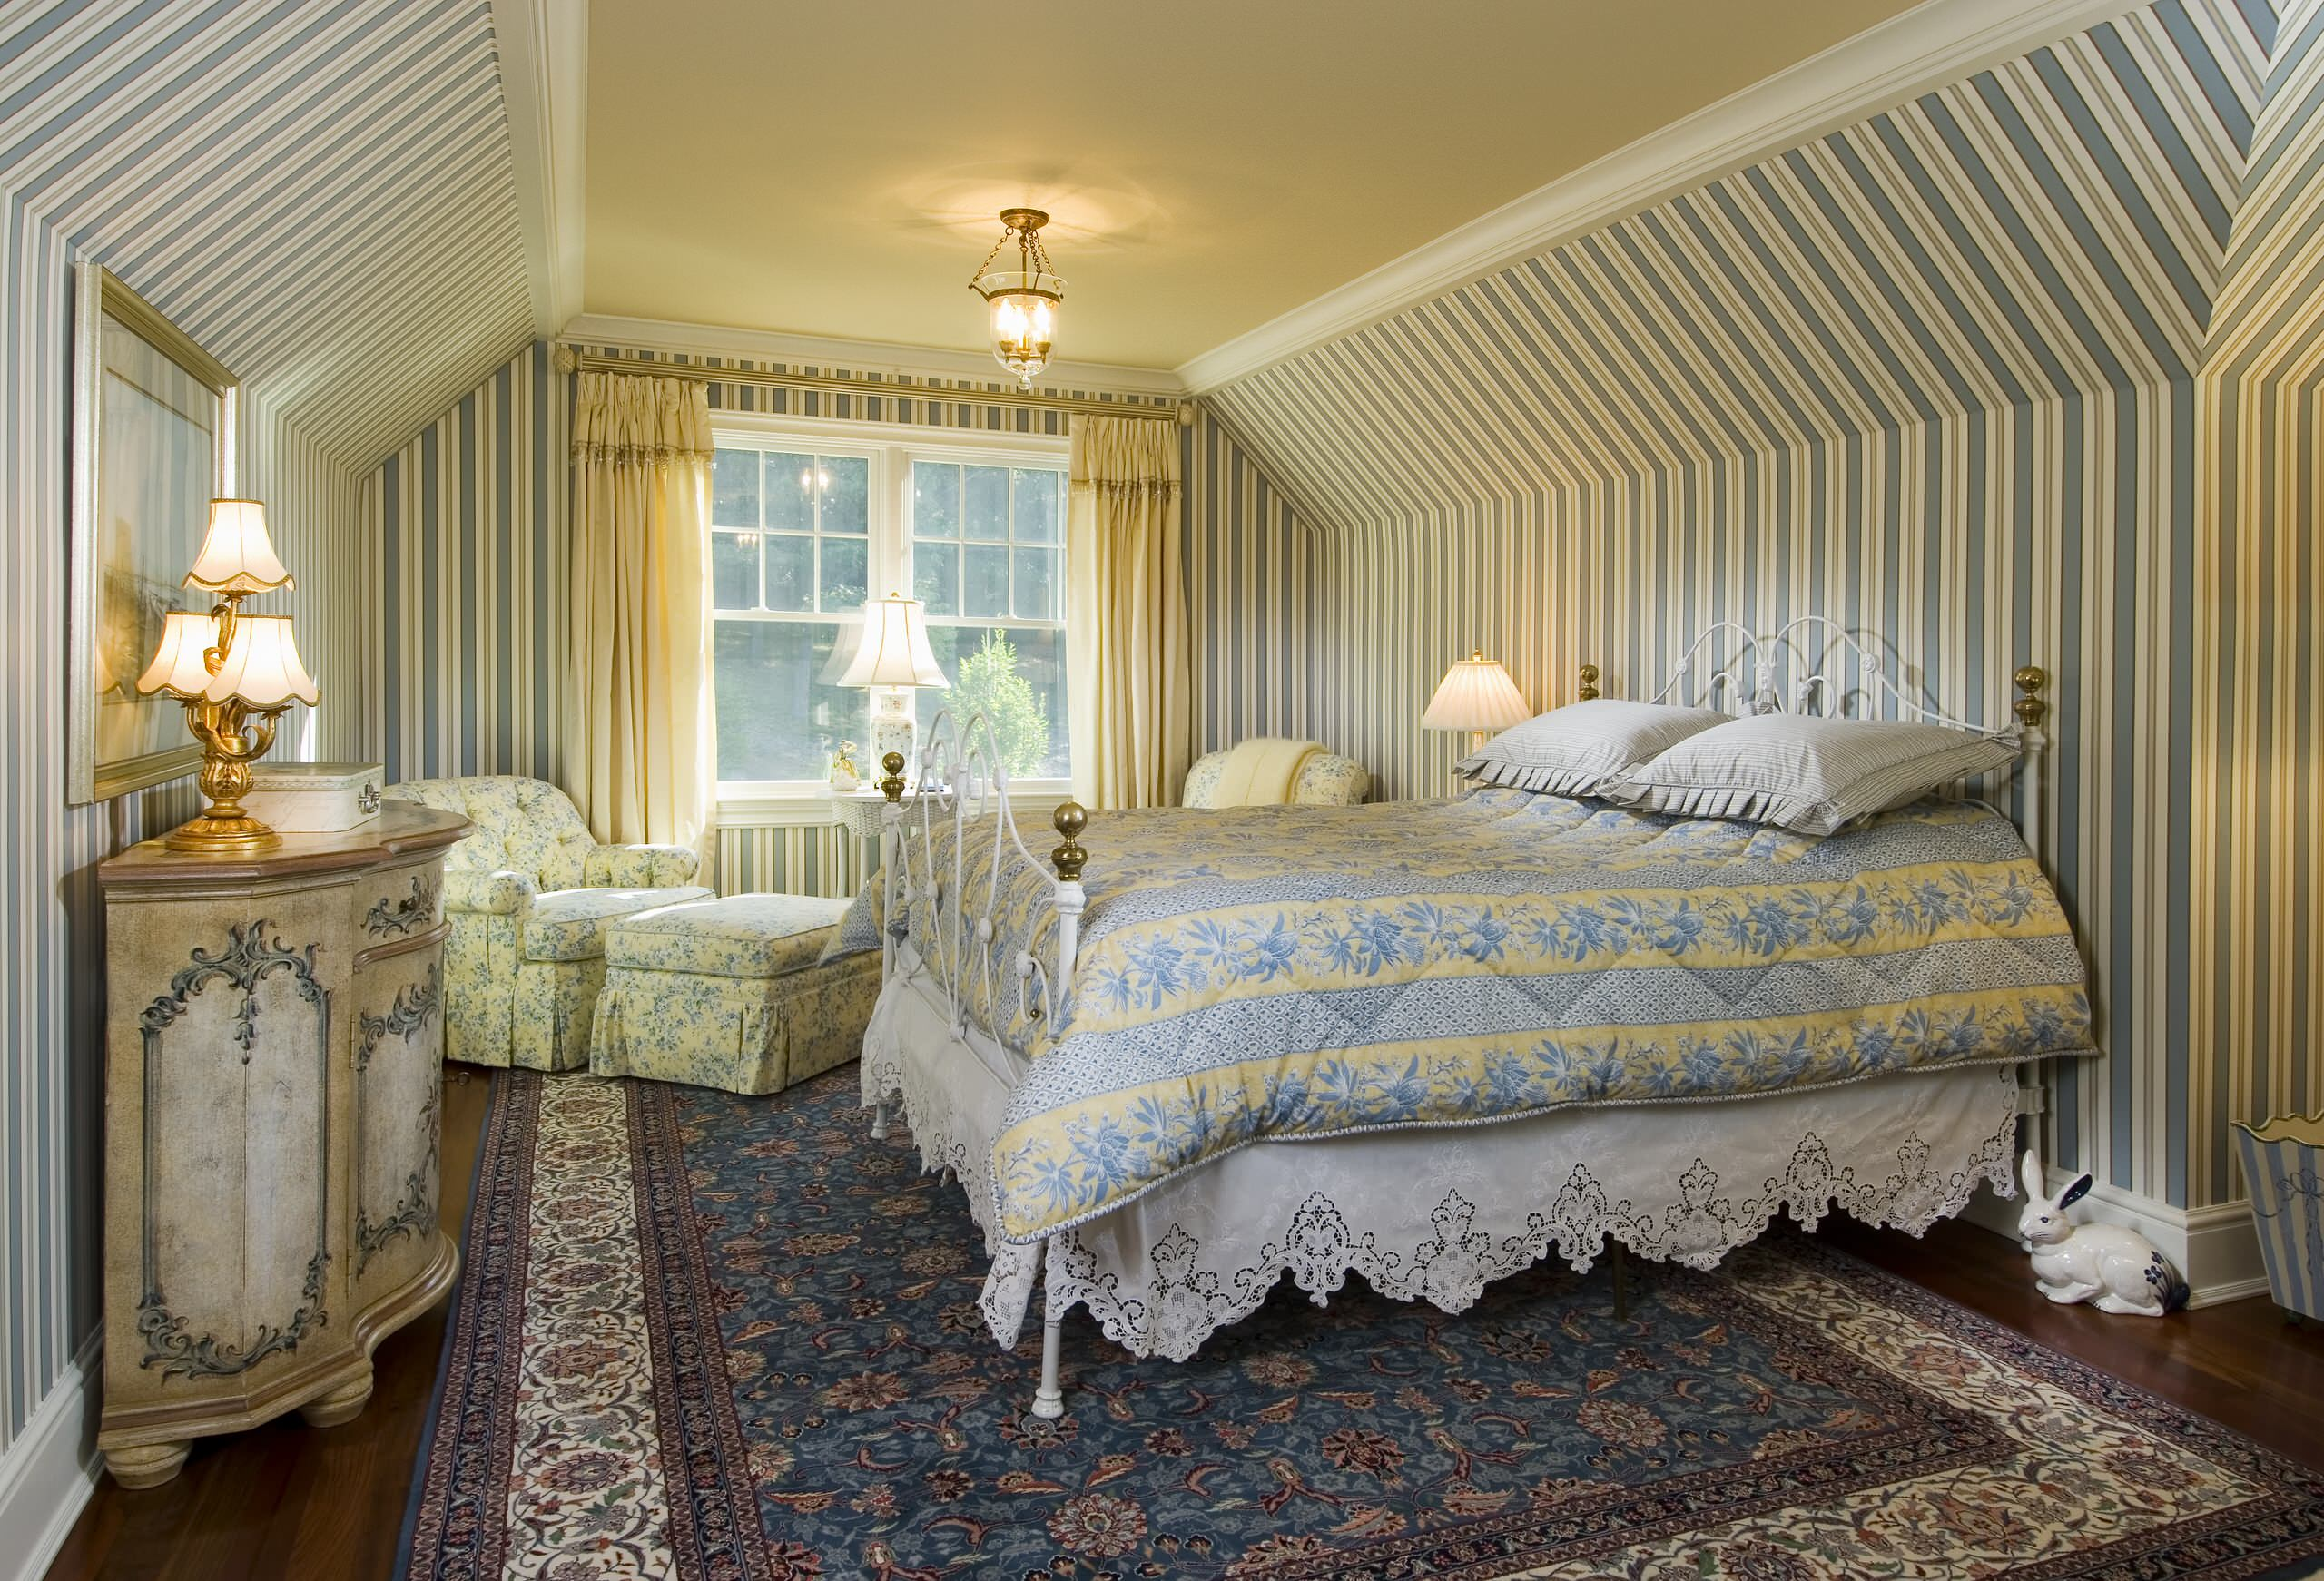 Люди, ценящие стиль и идеальные архитектурные формы всегда выберут для своей спальни обои и интерьер в классическом стиле